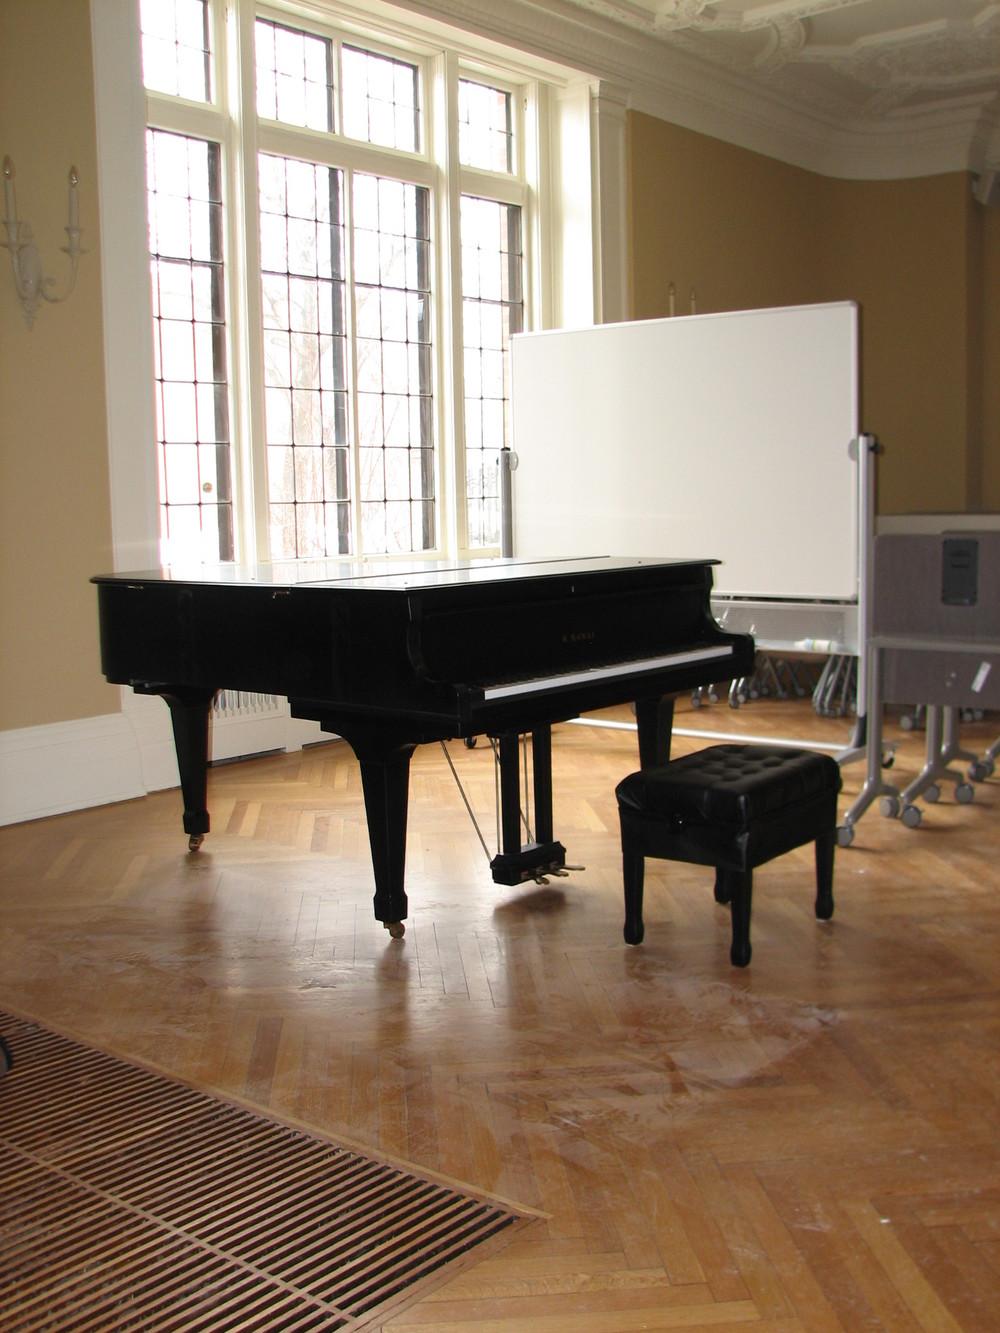 2011-03-10 Site Visit 079.jpg